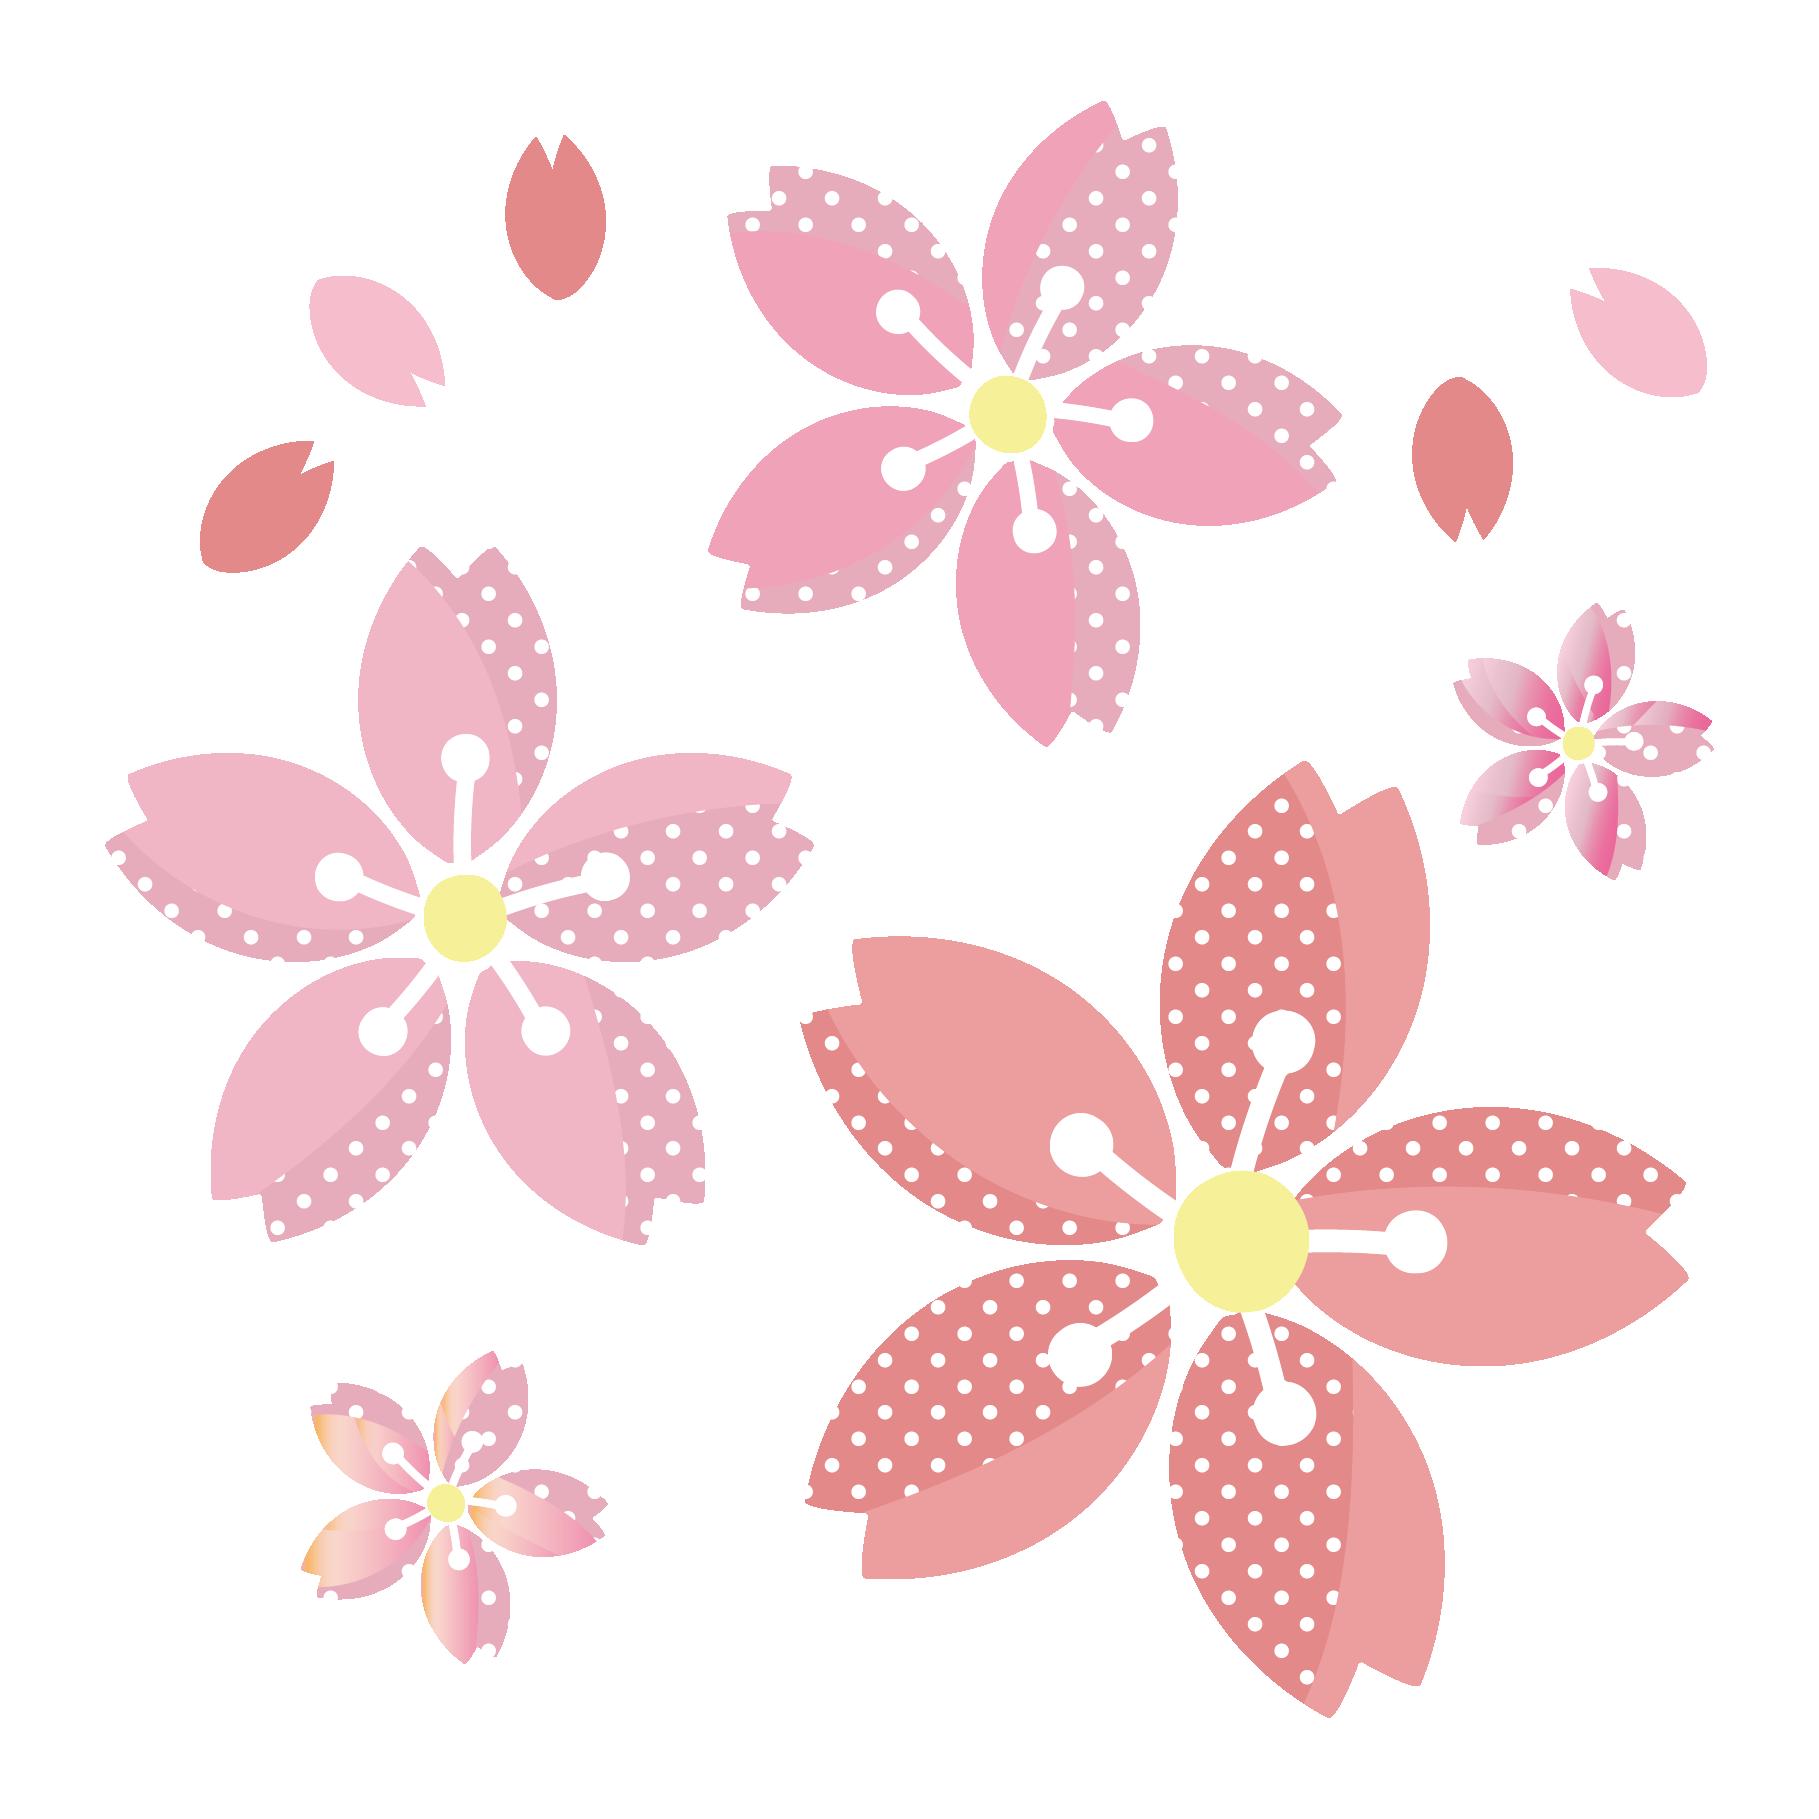 桜 イラスト ドットでかわいい♪ | 商用フリー(無料)のイラスト素材